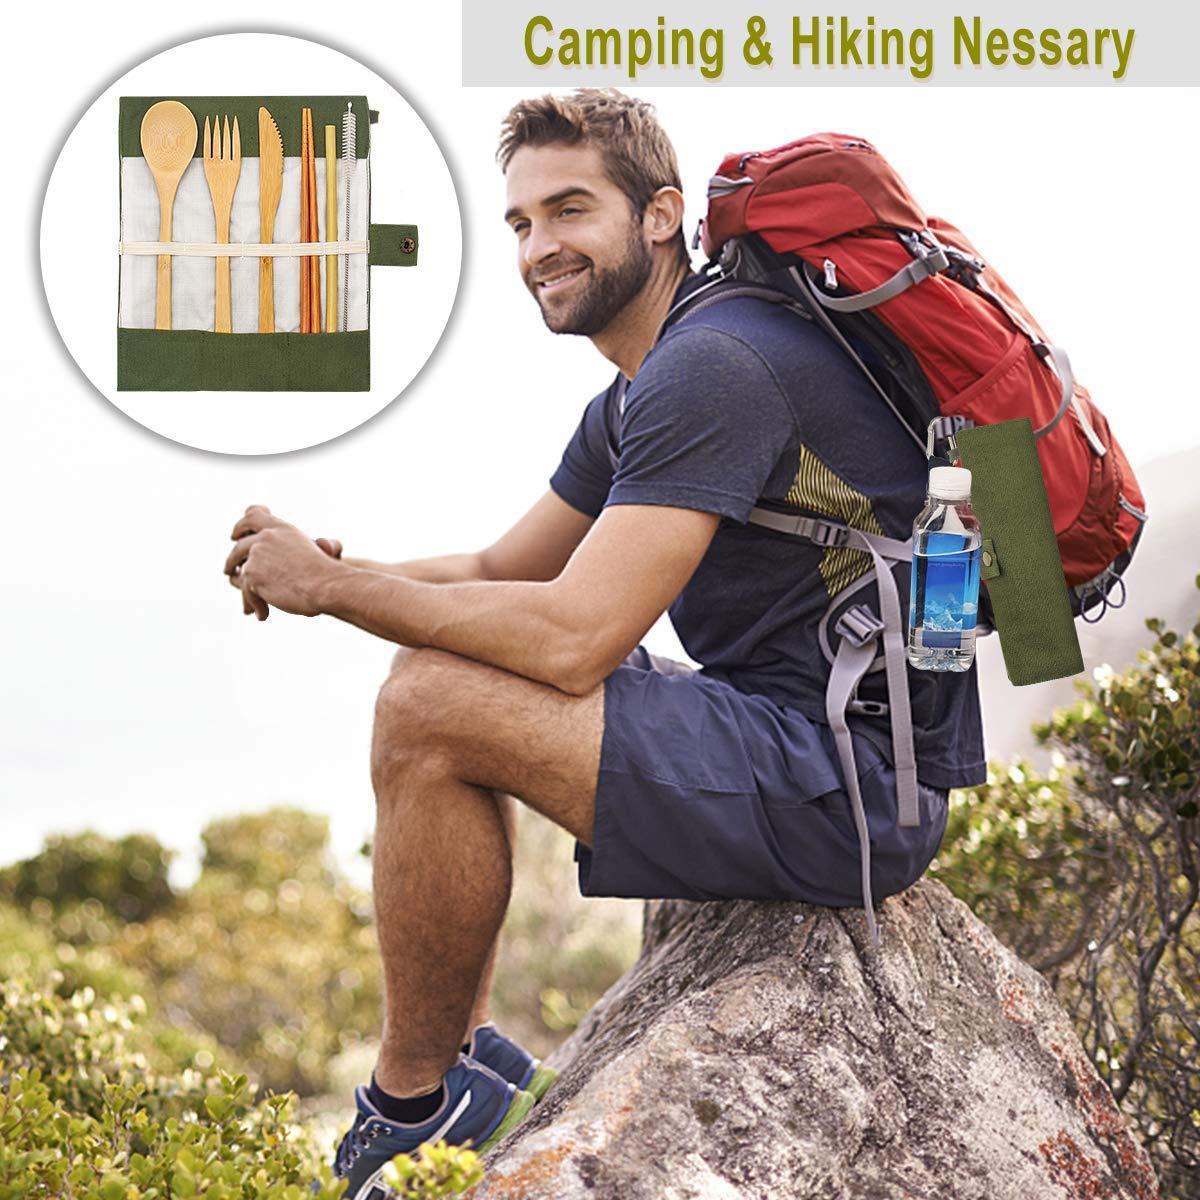 campeggio Adatto per viaggi posate in legno posate Campeggio con Borsa 2 Set Posate di bamb/ù